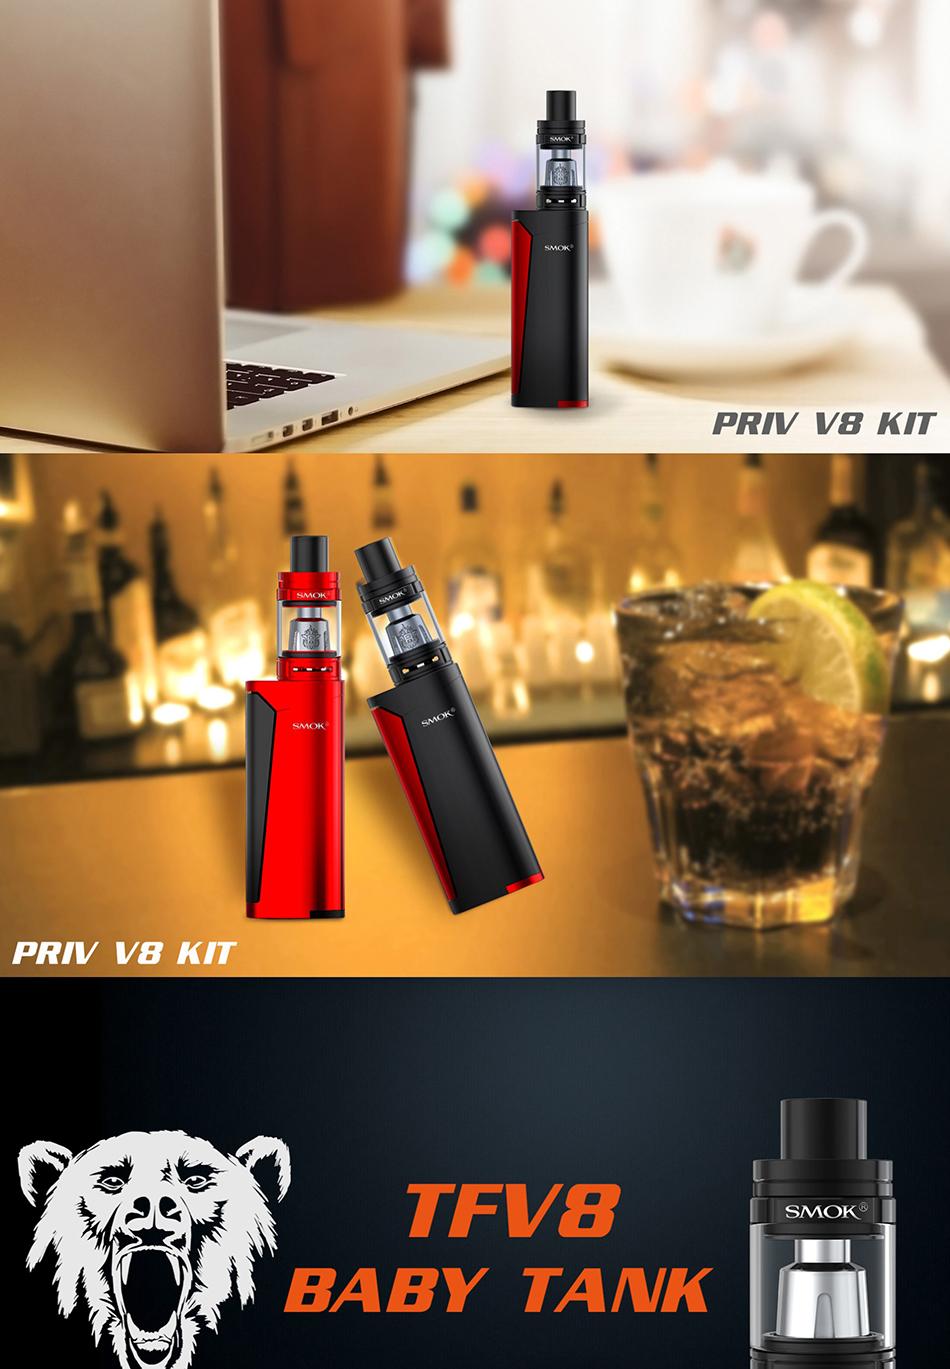 , 100% Original SMOK Priv V8 Vape Kit with 3ml TFV8 Baby Tank & M2 0.25ohm Dual Coils 60W Priv V8 Kit VS Smok Alien/Smok T-priv